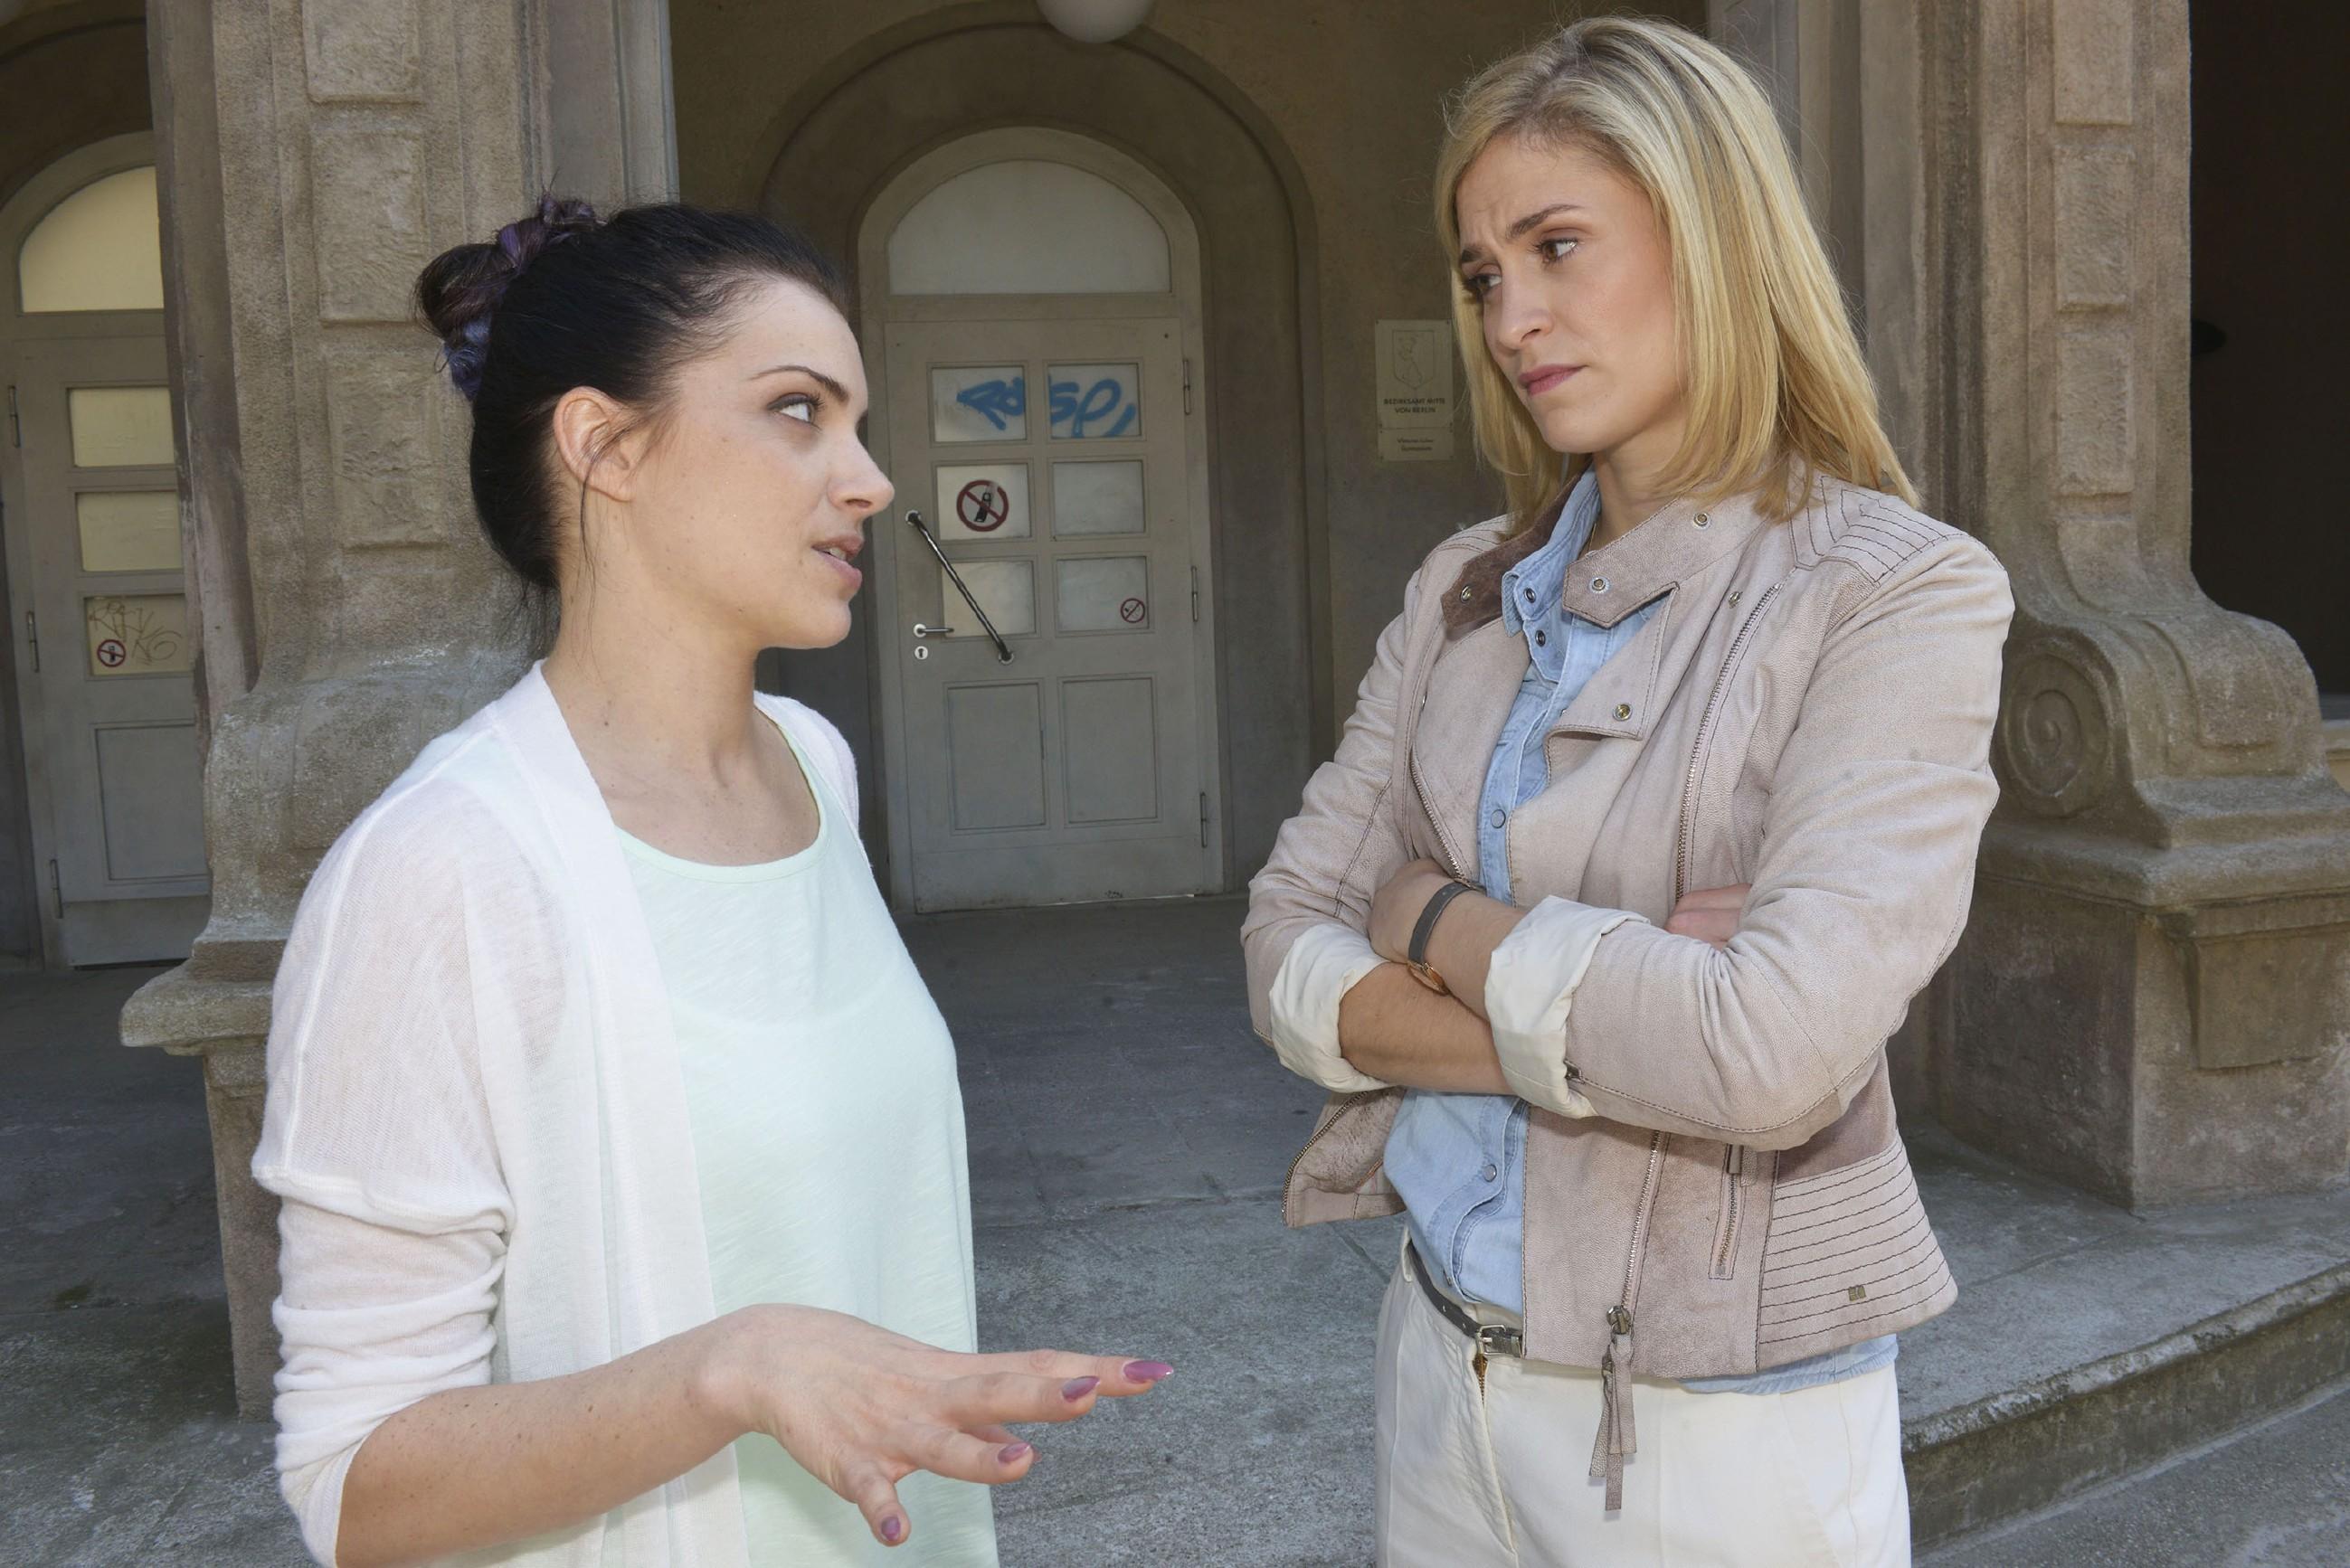 Emily (Anne Menden, l.) droht Sophie (Lea Marlen Woitack) unverhohlen mit dem Ende ihrer Freundschaft, wenn sie den Job bei City Stylz annimmt. (Quelle:RTL / Rolf Baumgartner)